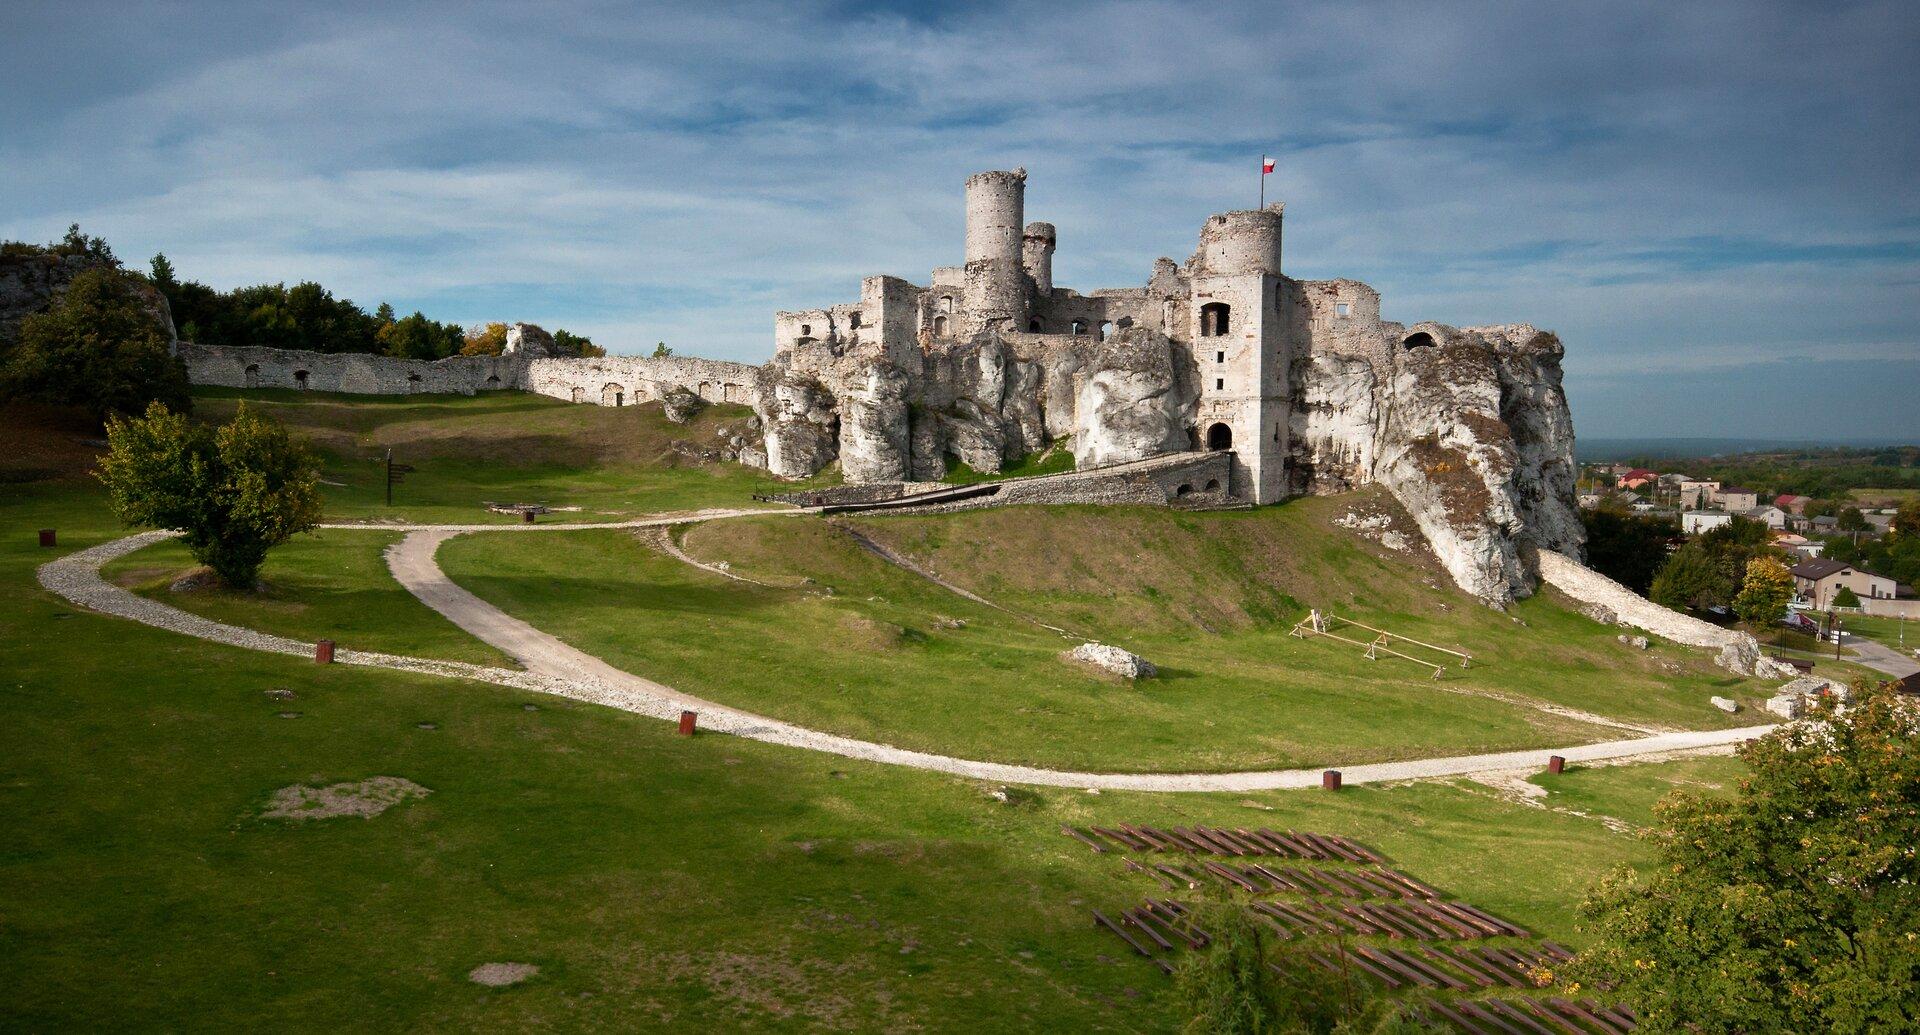 Zdjęcie przedstawia Górę Zamkową. Słoneczny dzień. Na szczycie góry ruiny Zamku Ogrodzieniec. Zamek na środku zdjęcia. Zbocza wzniesienia pokryte wyschniętą trawą. Trawa krótko przycięta. Białe ścieżki dla pieszych na pierwszym planie. Ścieżki otaczają owalnie ruiny zamku zbiałego wapienia. Ściany zamku wbudowane są wskały. Dobrze zachowane trzy wieże to najwyższe części zamku. Wieże wkształcie walca. Na lewo od zamku długi biały mur. Na prawo od zamku, wgłębi zdjęcia, widoczne zabudowania współczesnego miasteczka.